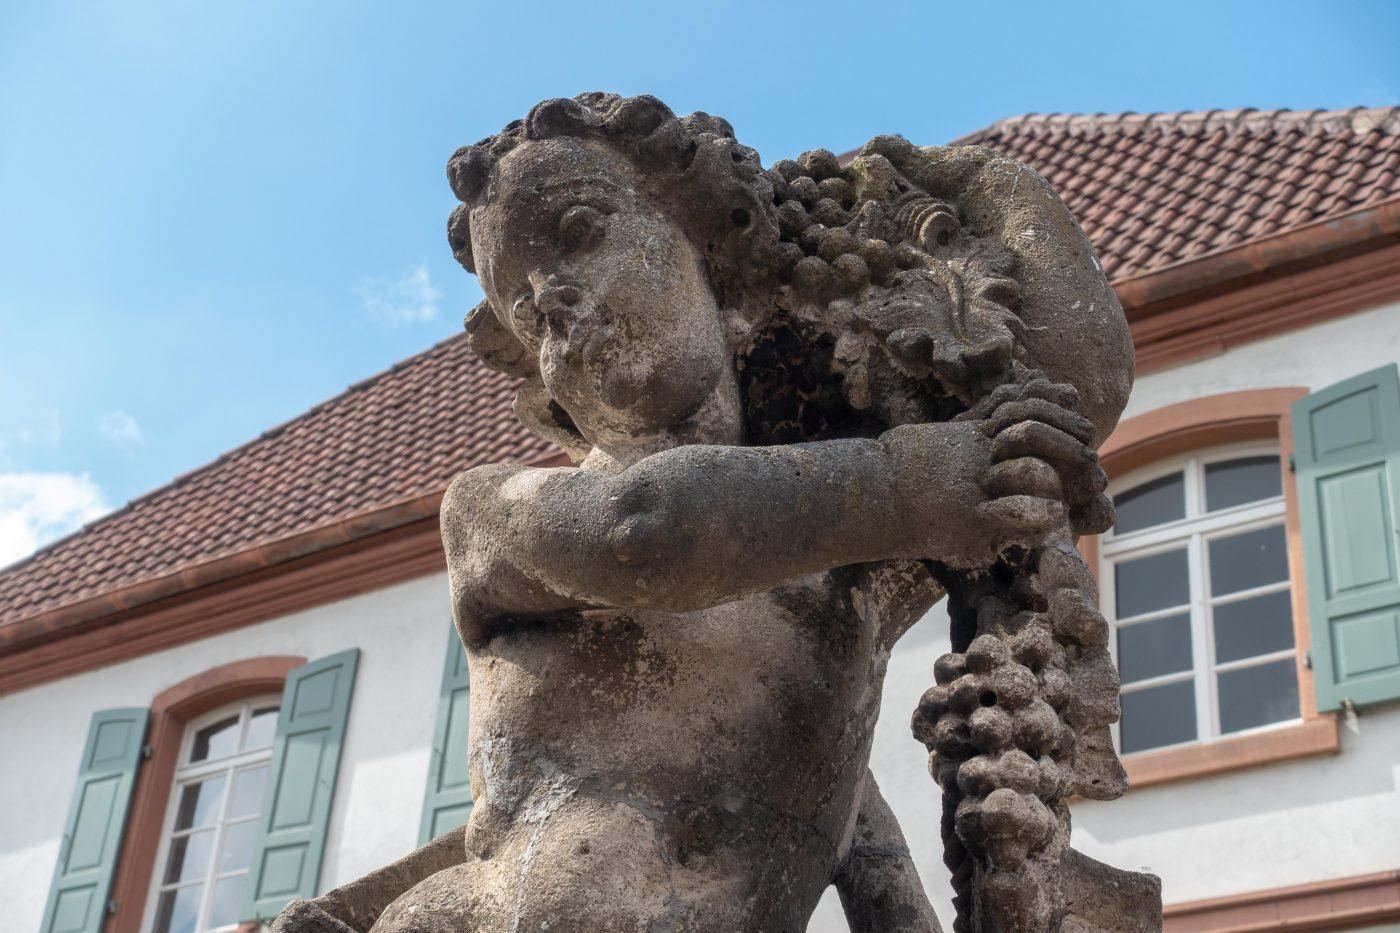 Skulptur in Wachenheim, Pfalz